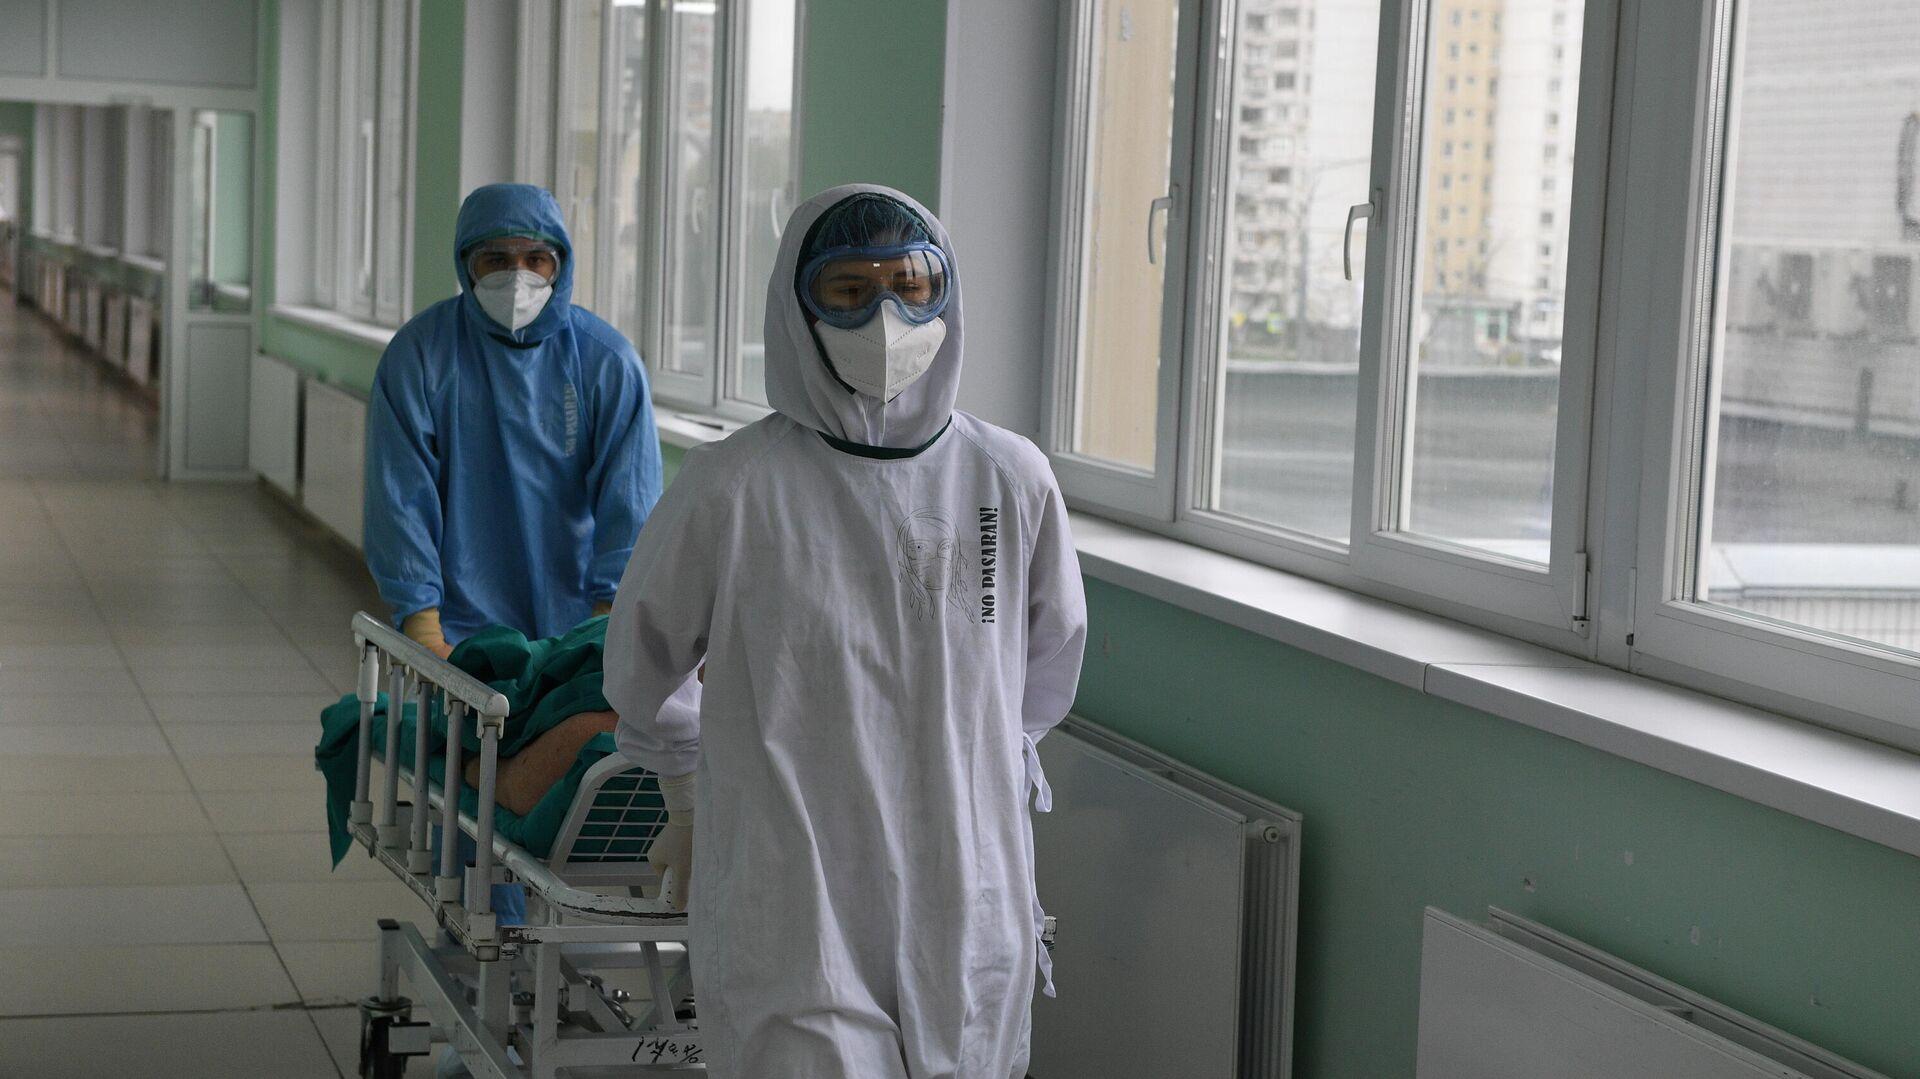 Медицинские работники и пациент в операционной ковид-госпиталя, организованного в городской клинической больнице No15 имени О. М. Филатова в Москве - РИА Новости, 1920, 14.11.2020